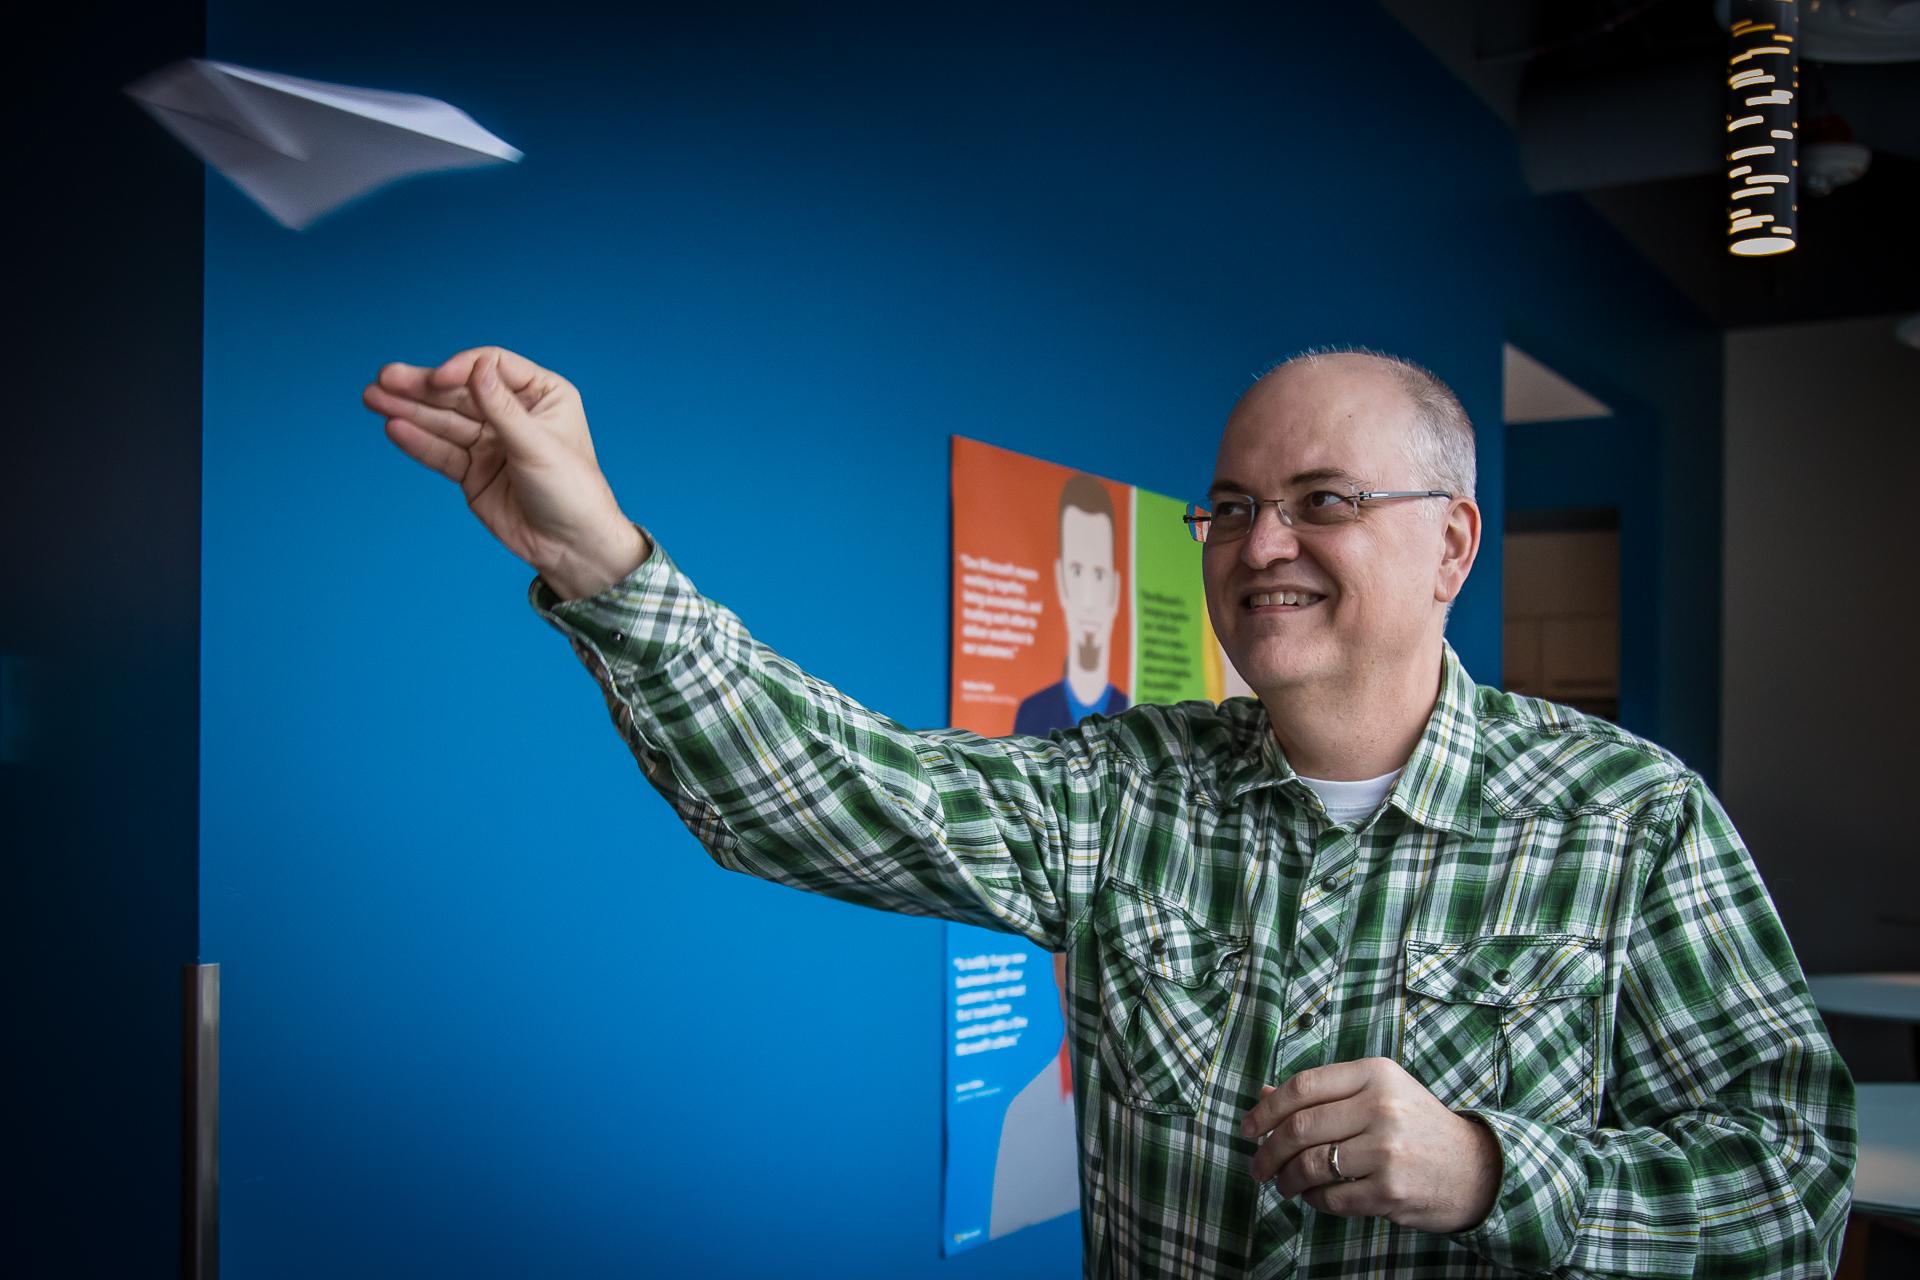 Pete Apple, cloud servies engineer